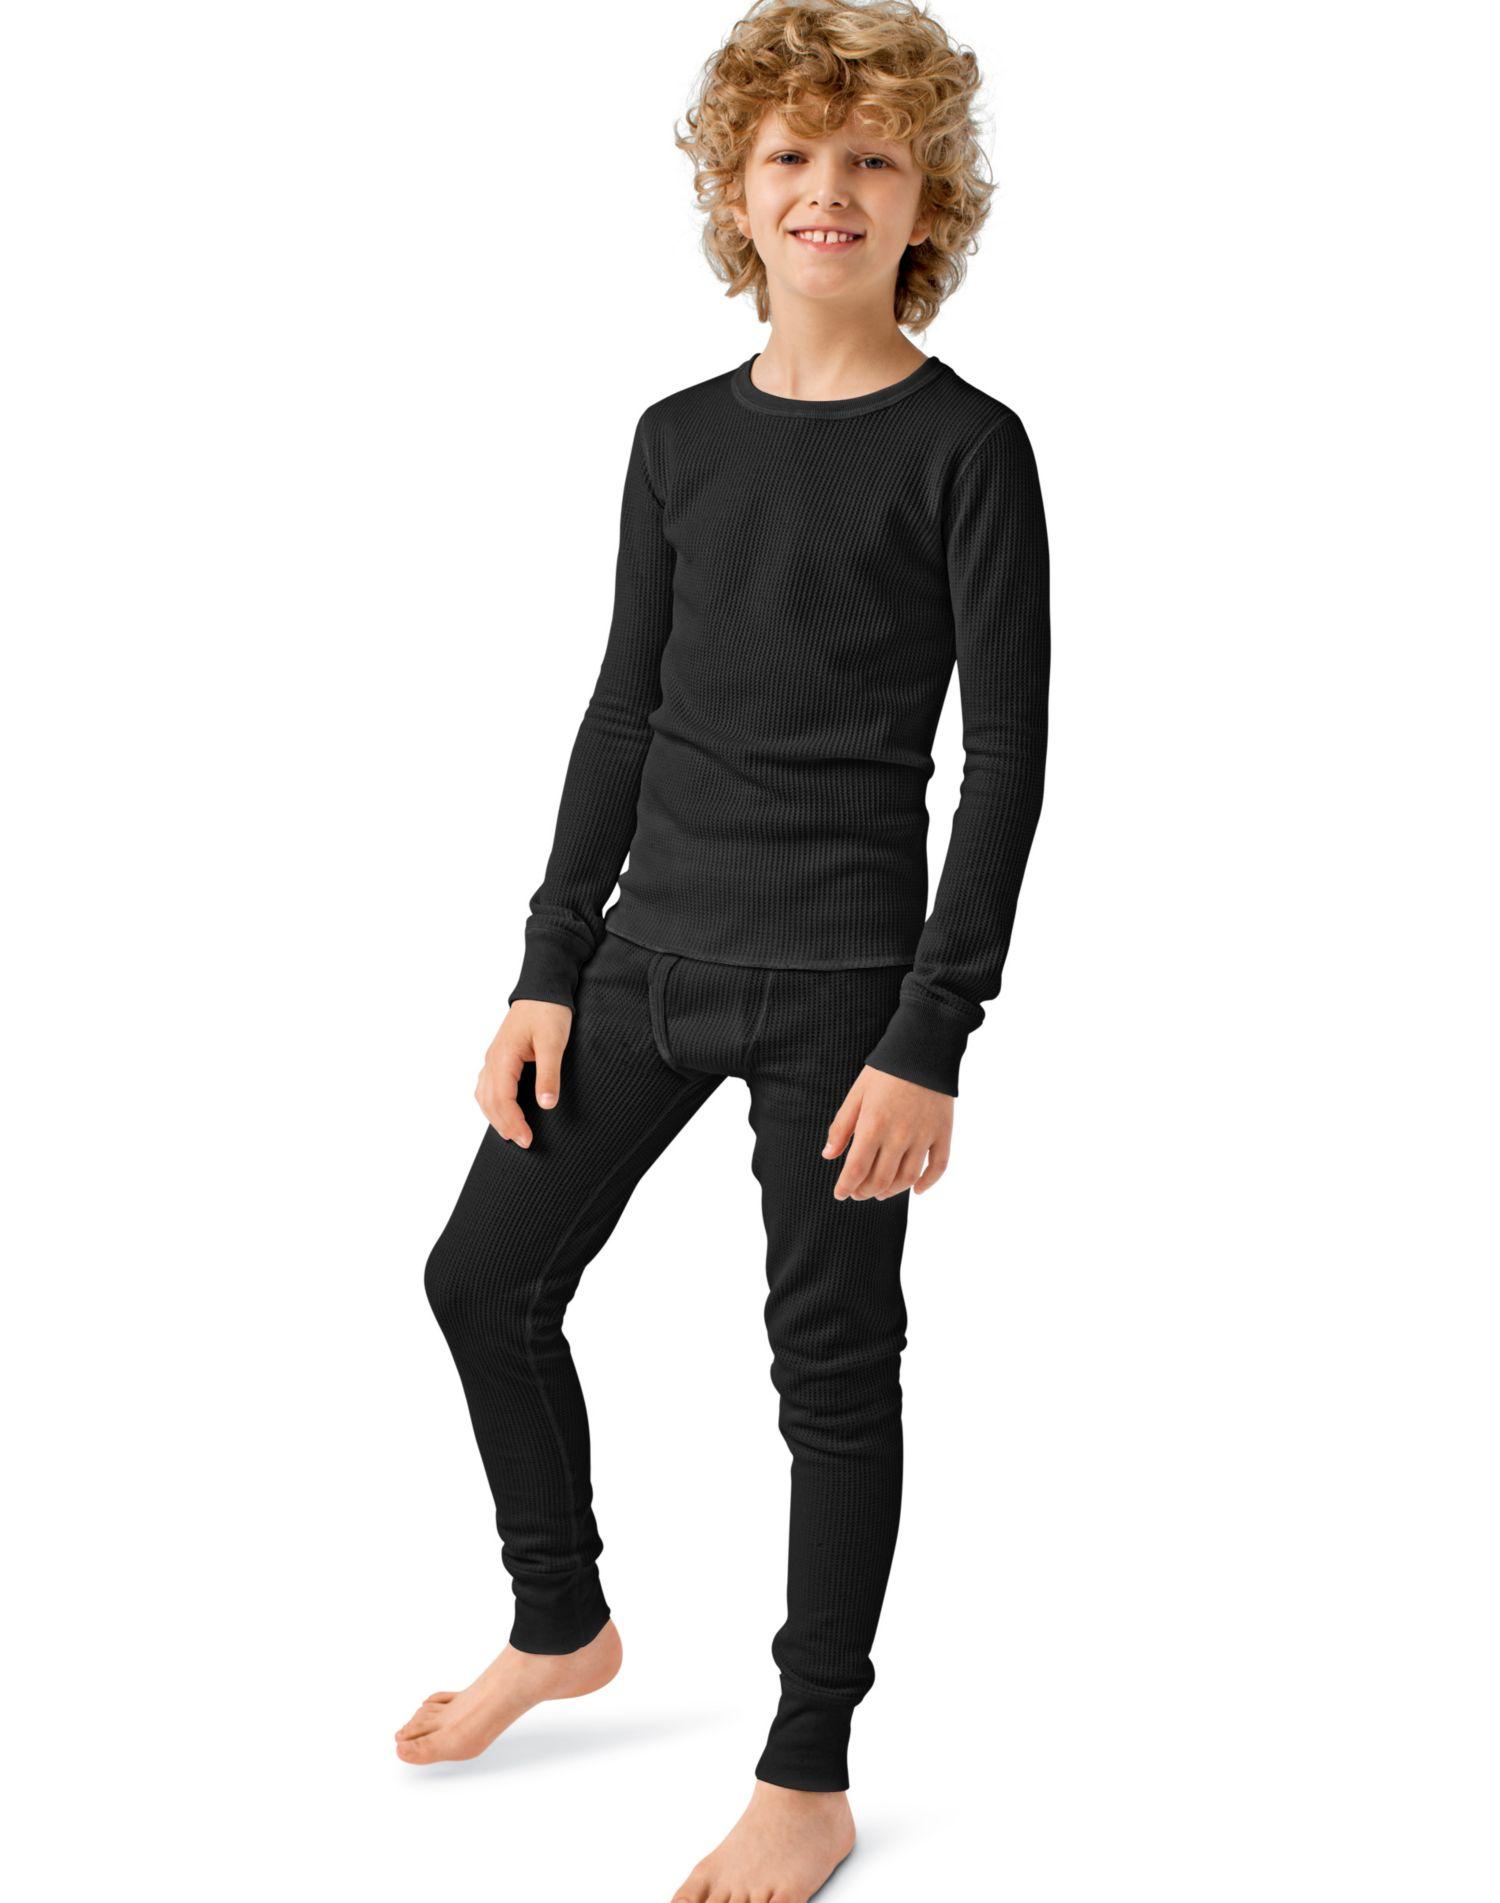 Hanes 24101 - Boys' Thermal Underwear Set